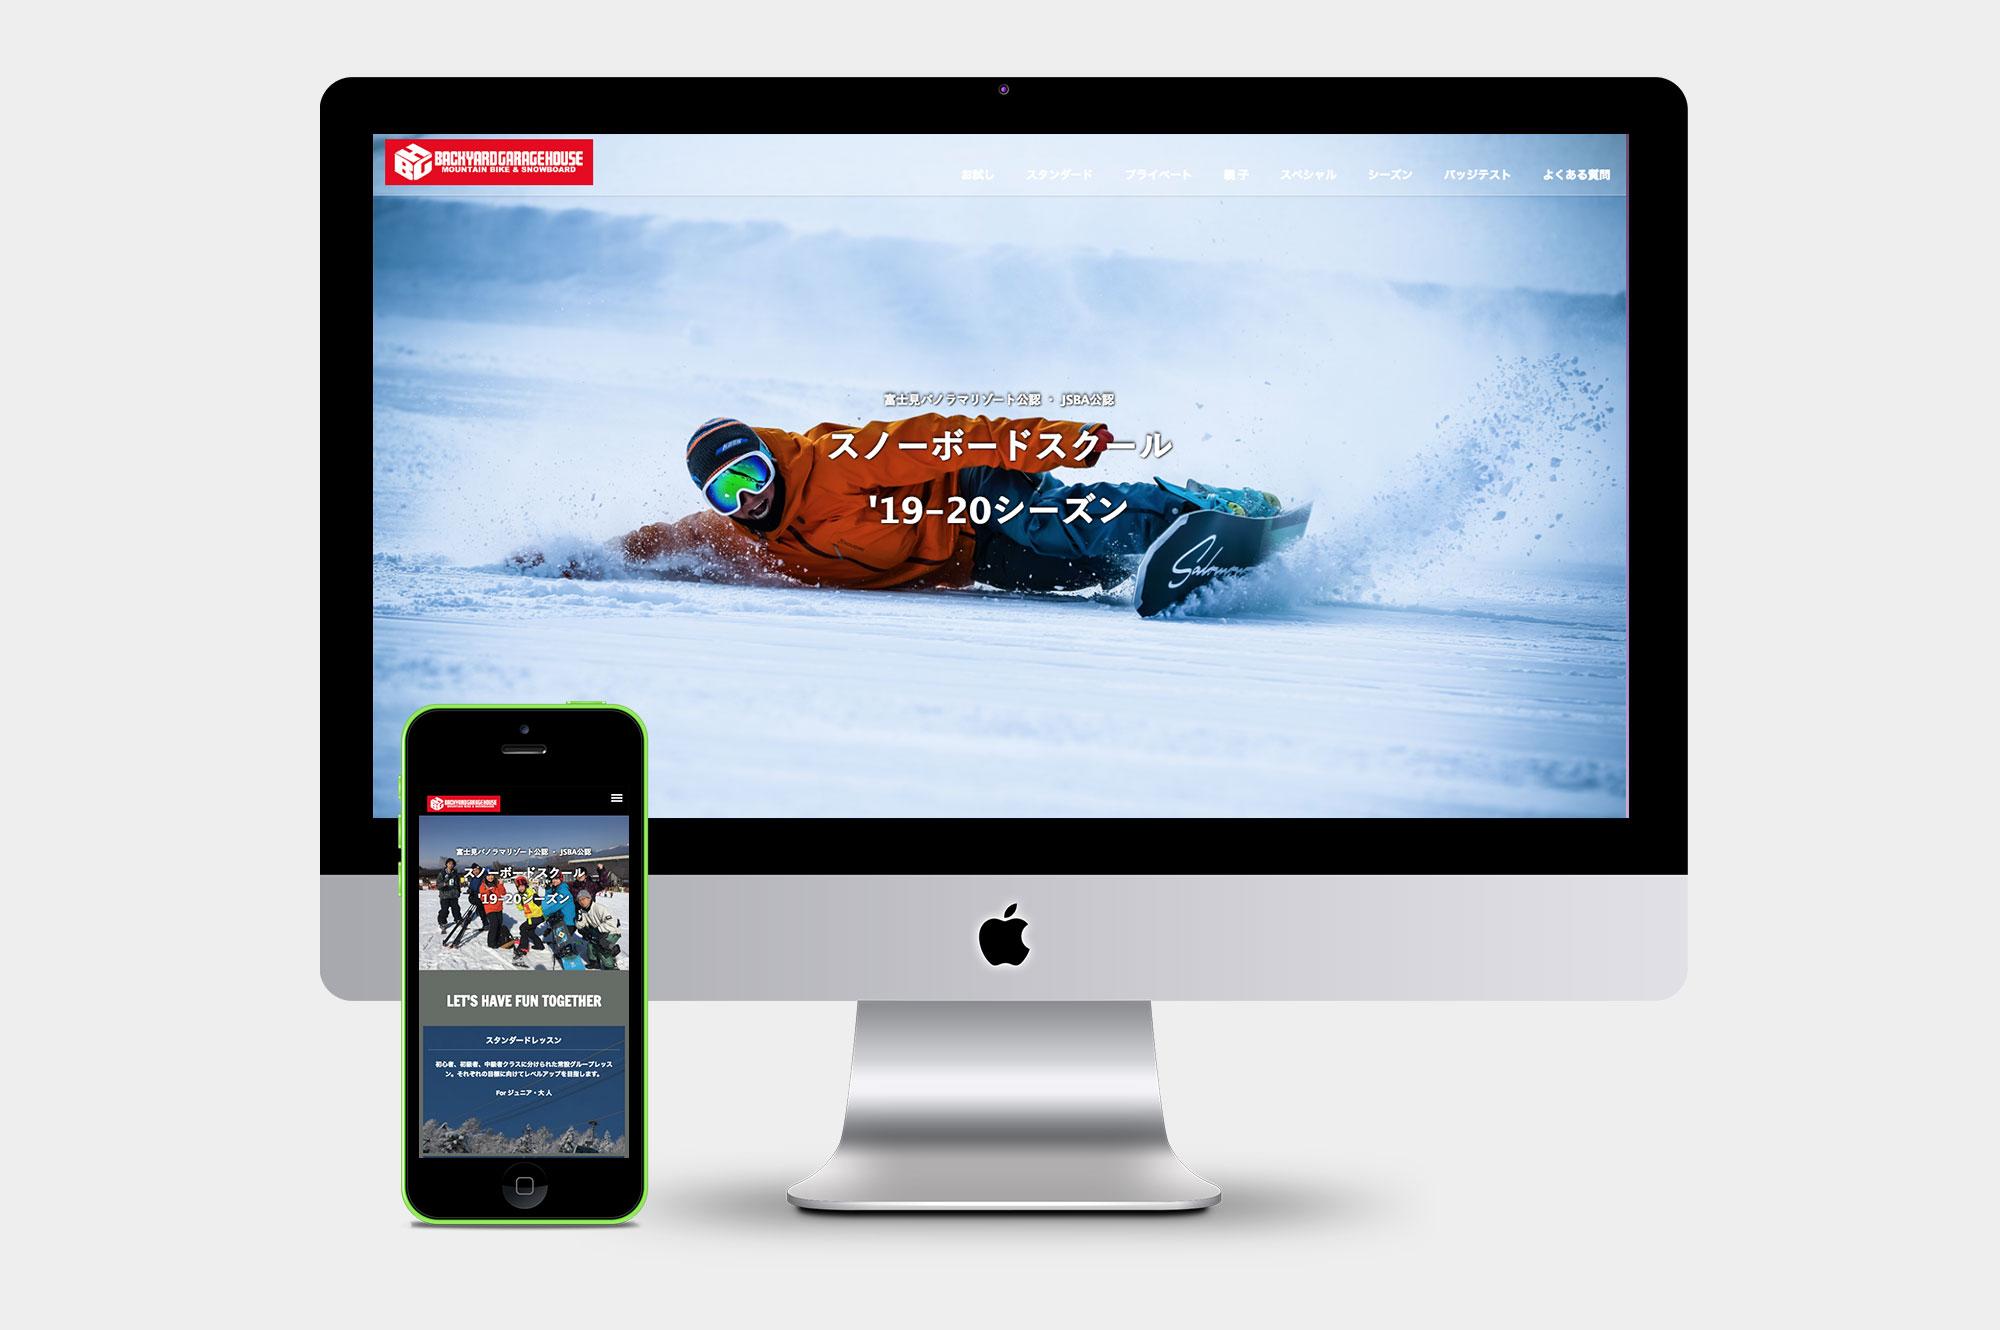 BGH(スノーボードスクール)様ホームページ